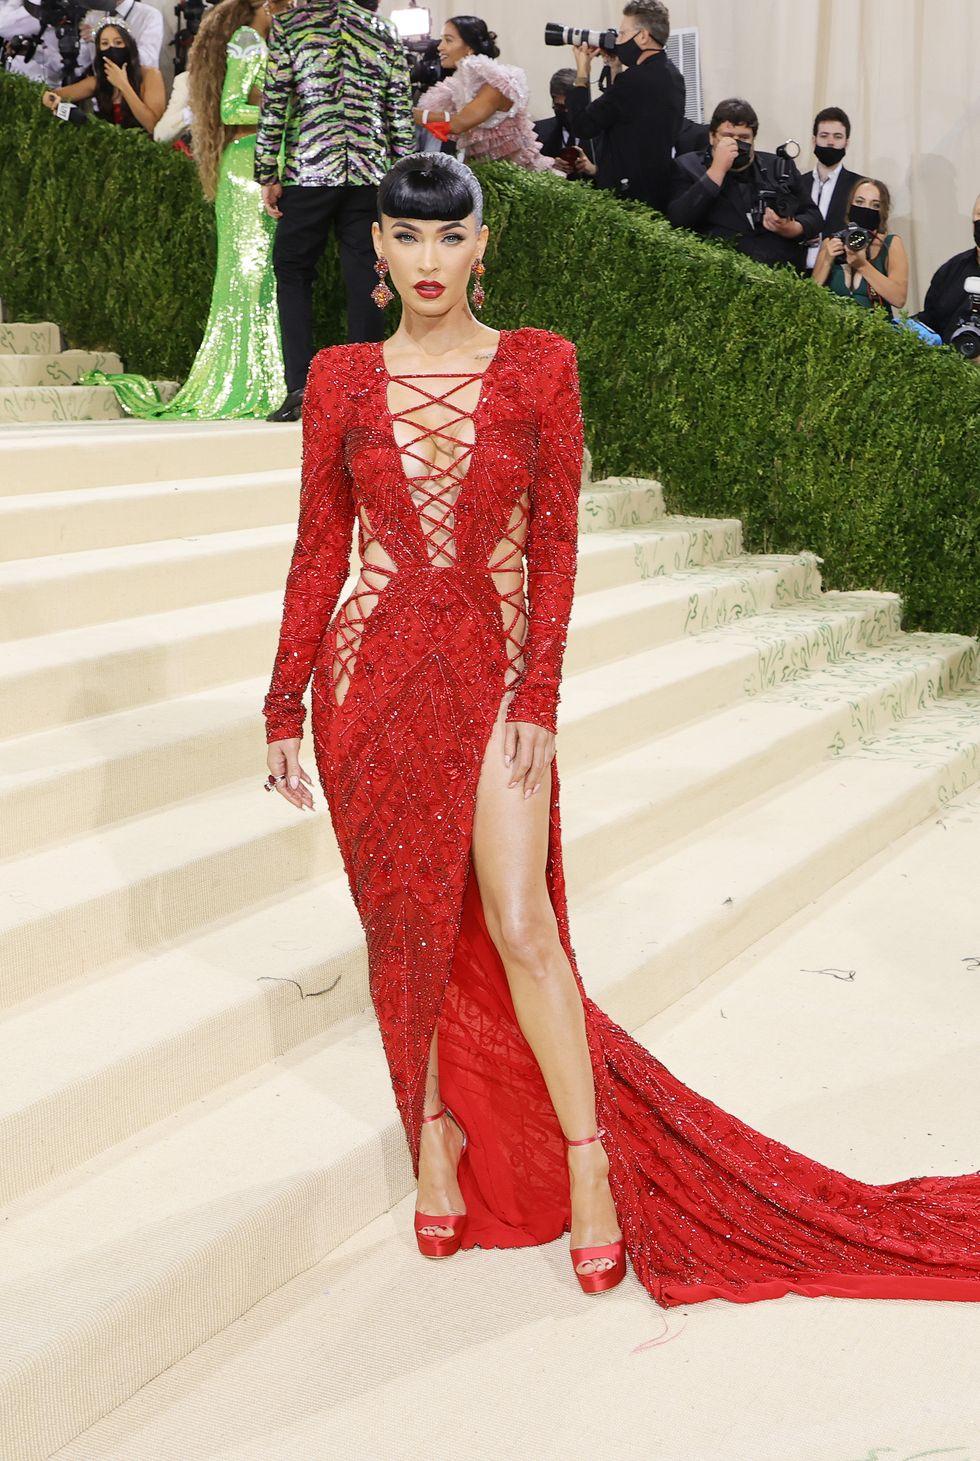 Megan Fox rực cháy đầy nóng bỏng cùng bộ đầm đỏ như lửa, thiết kế cut-out, đan dây hở bạo.